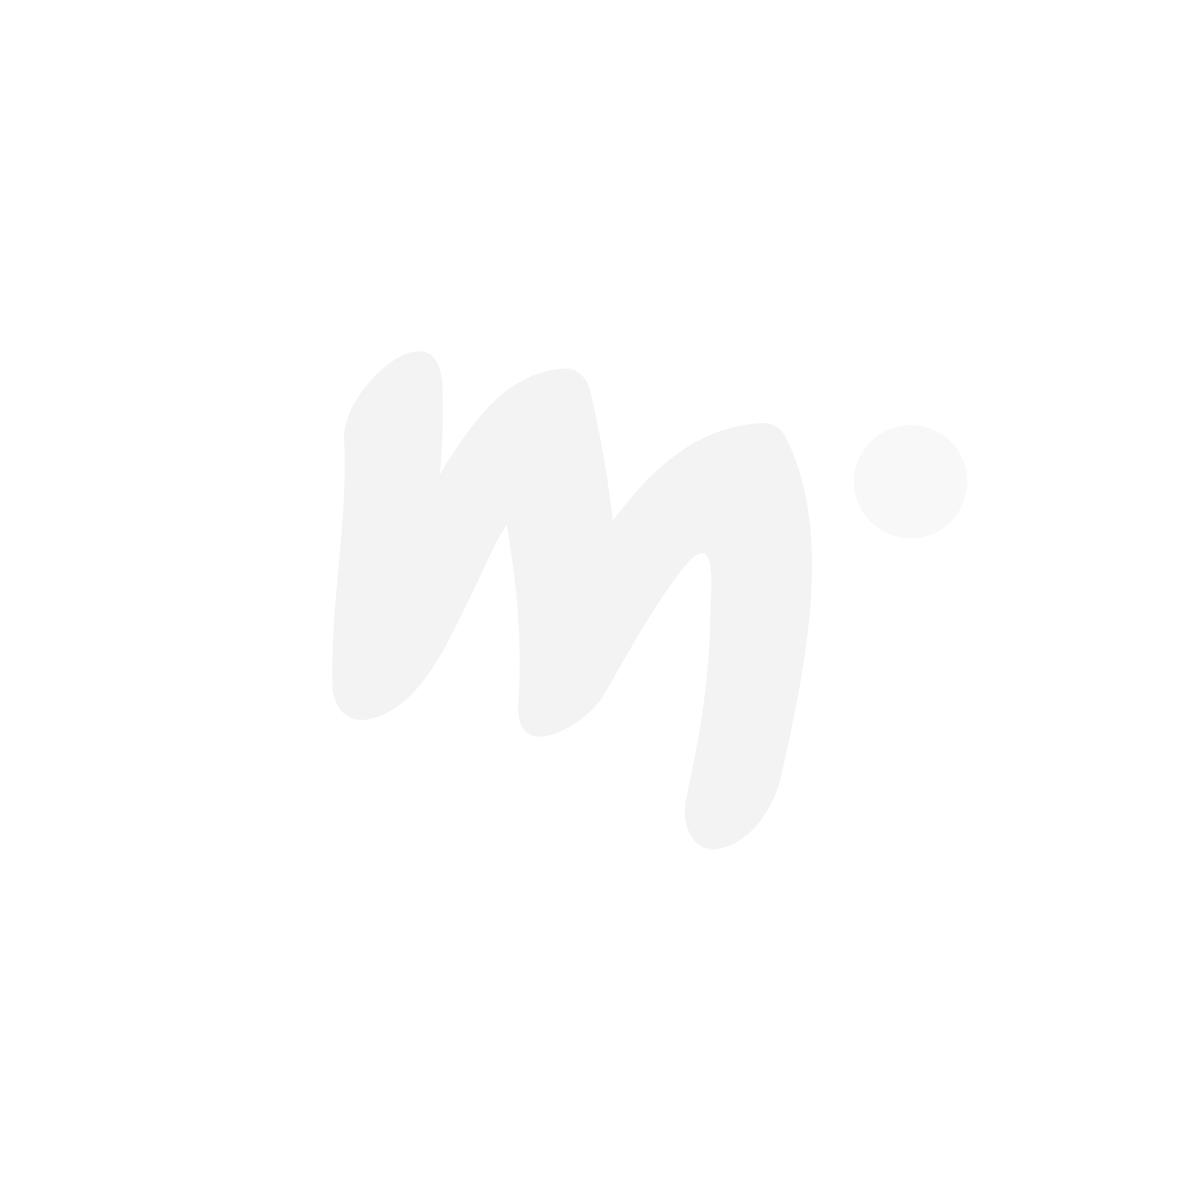 Muumi Hattivatti-halipehmo 60 cm